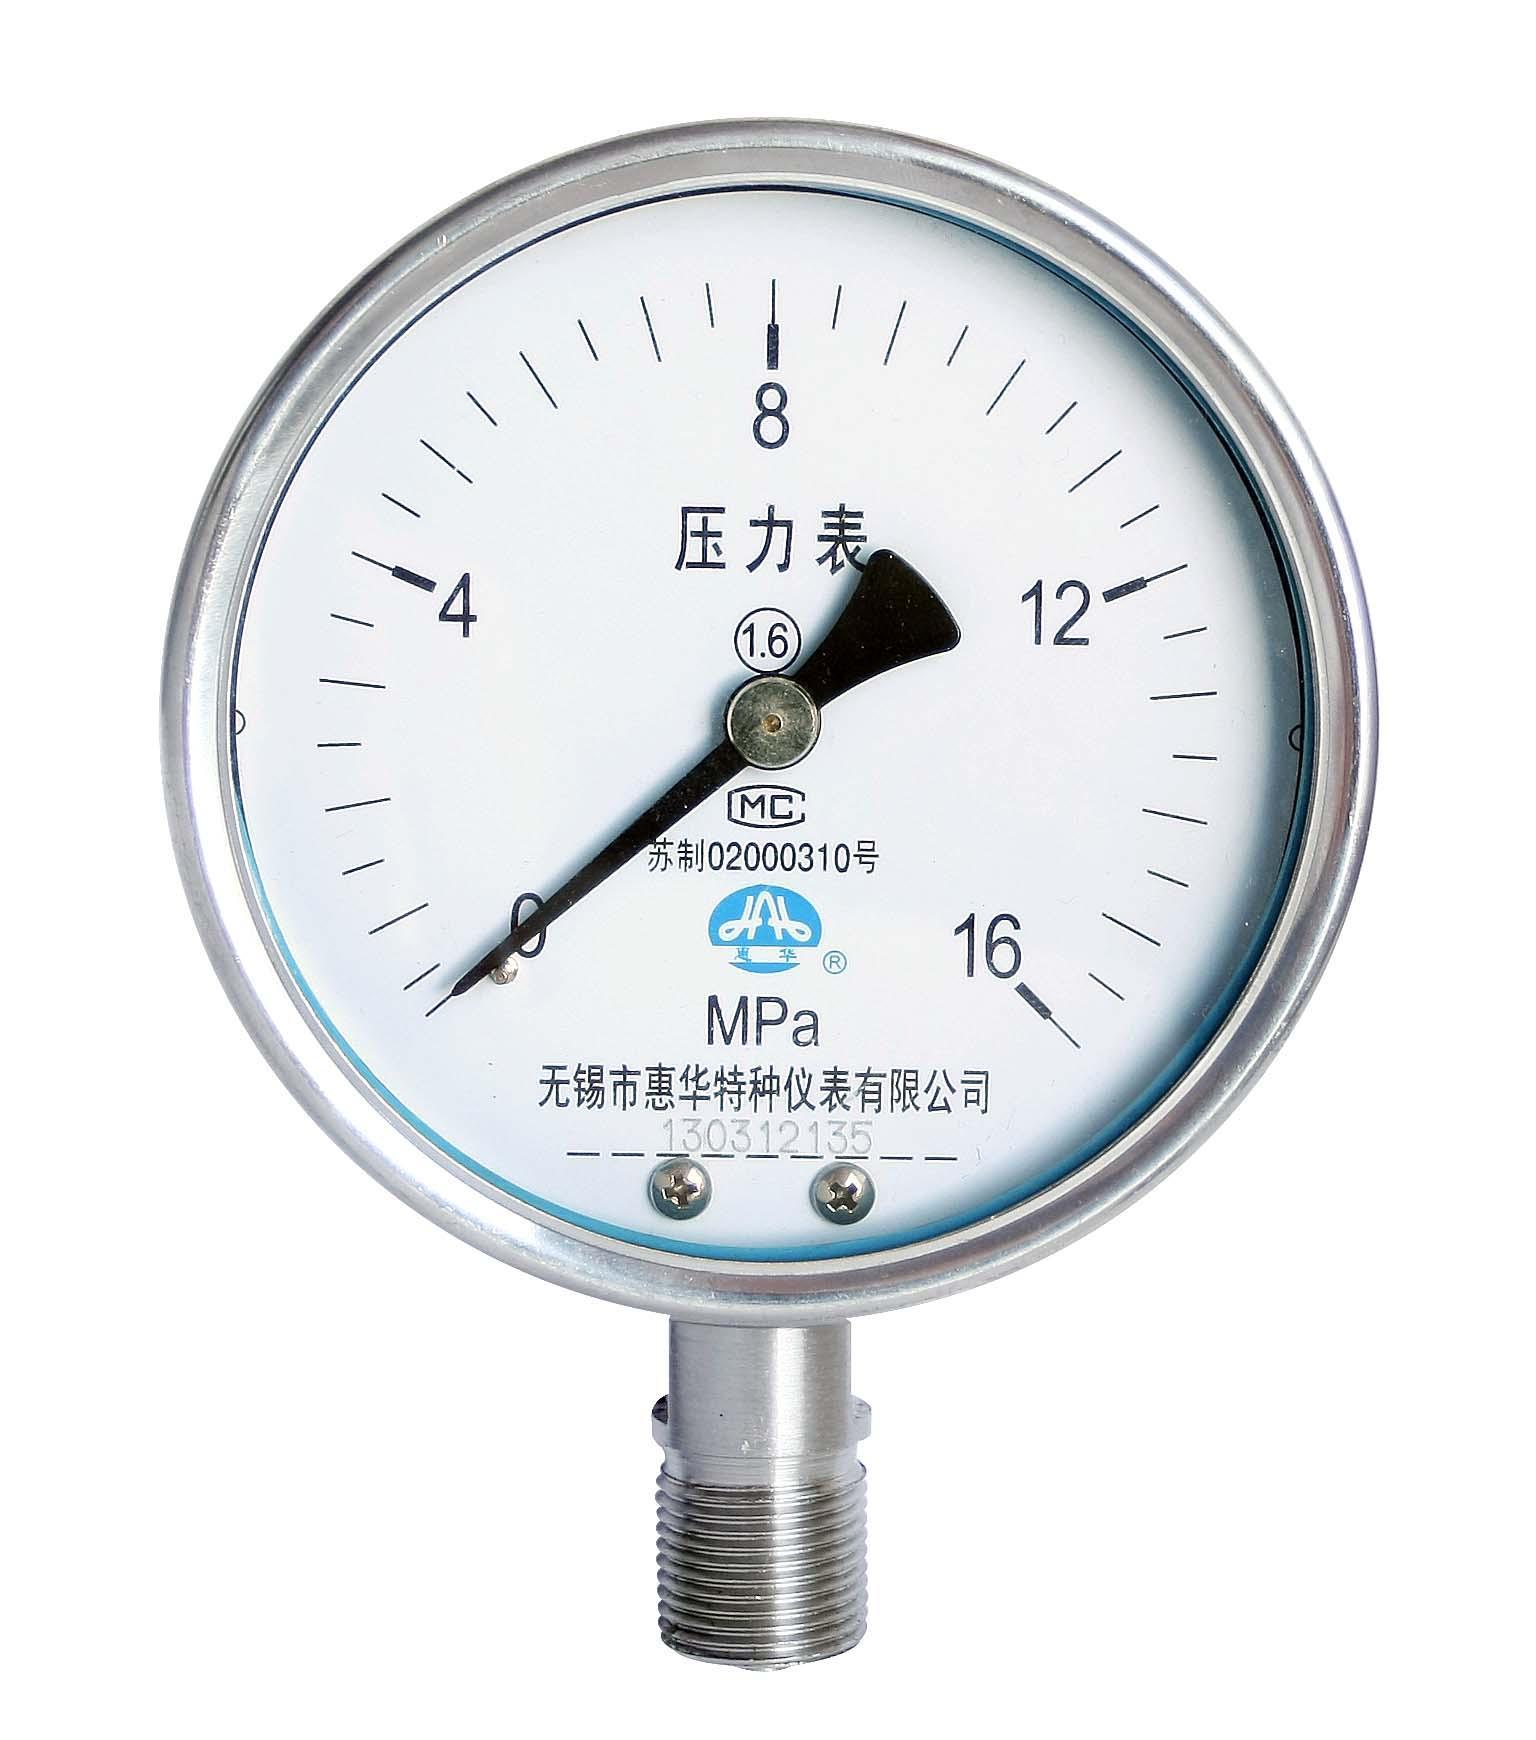 不锈钢压力表 不锈钢真空压力表 不锈钢弹簧管压力表 1